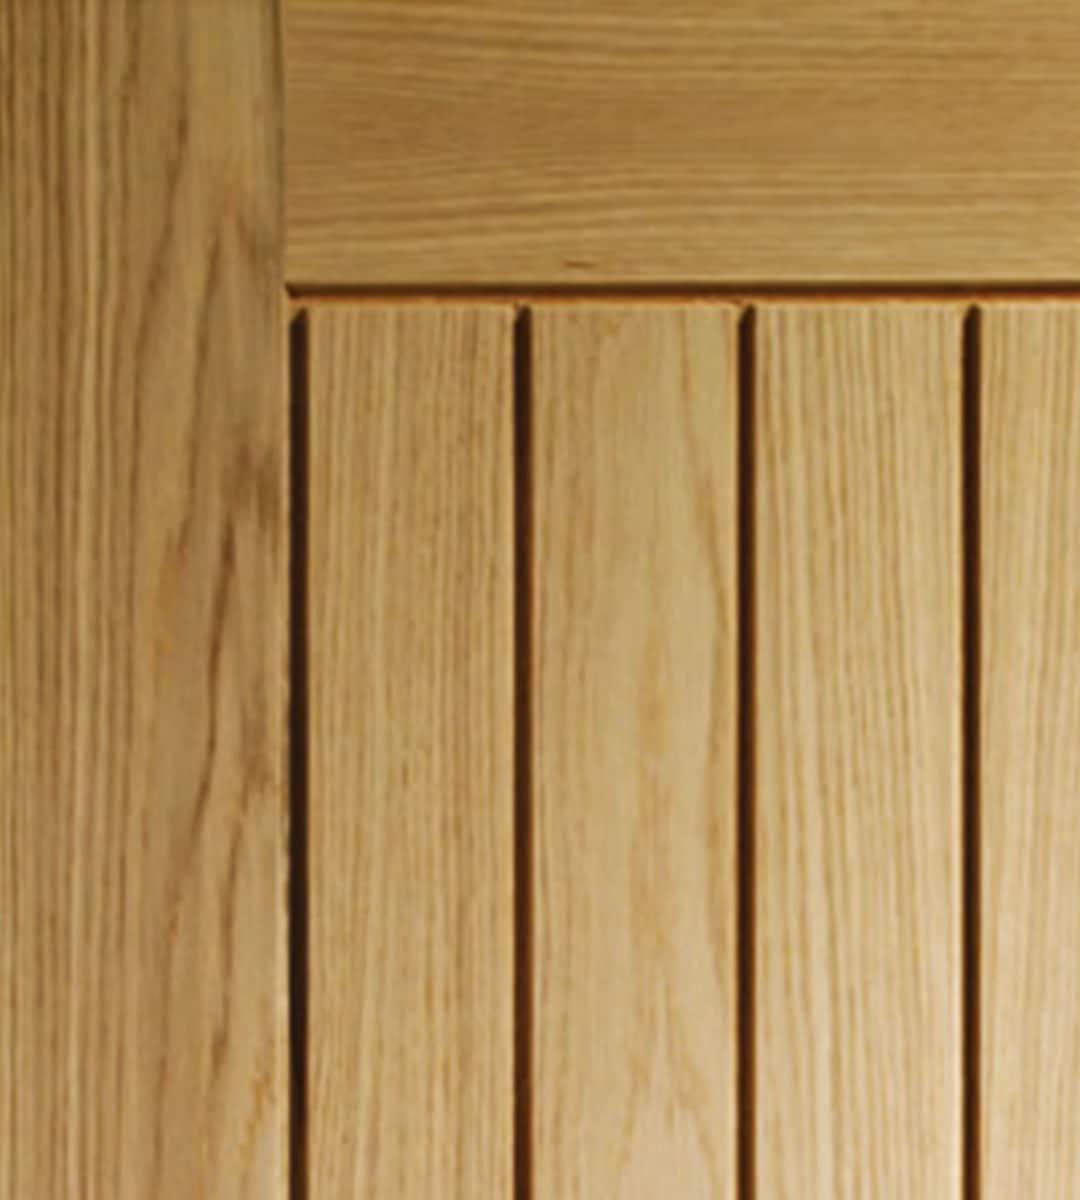 suffolk oak exterior door